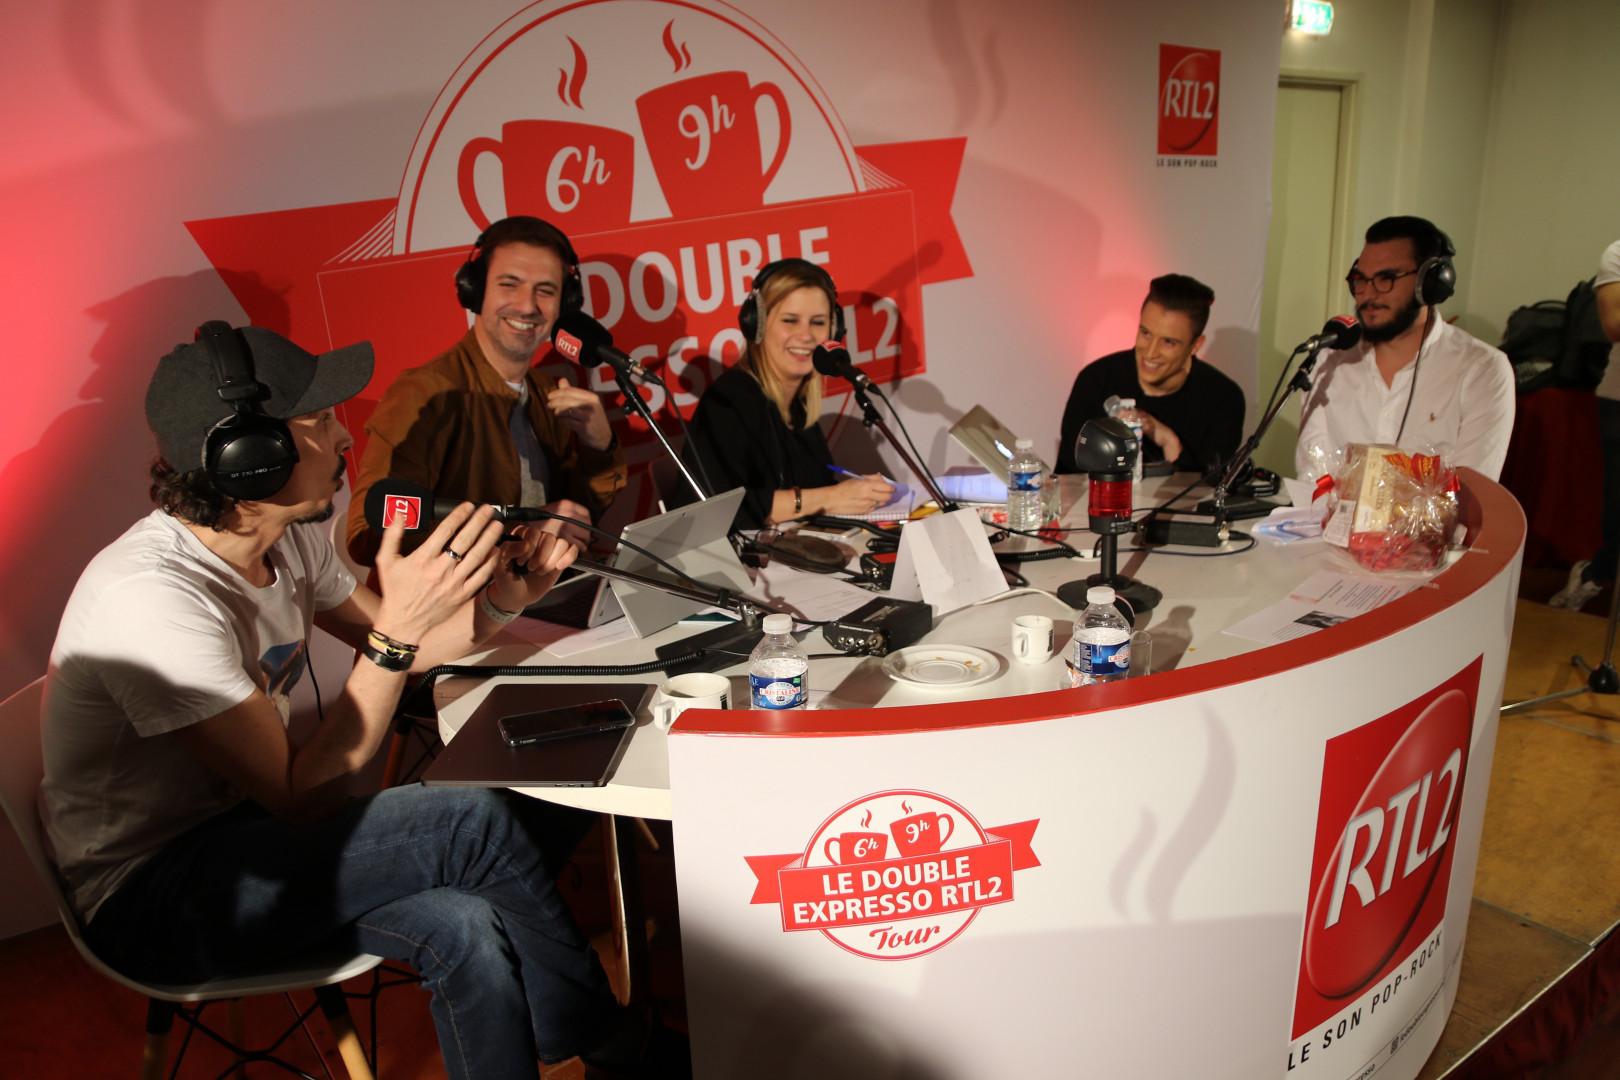 Le Double Expresso RTL2 en direct de Perpignan